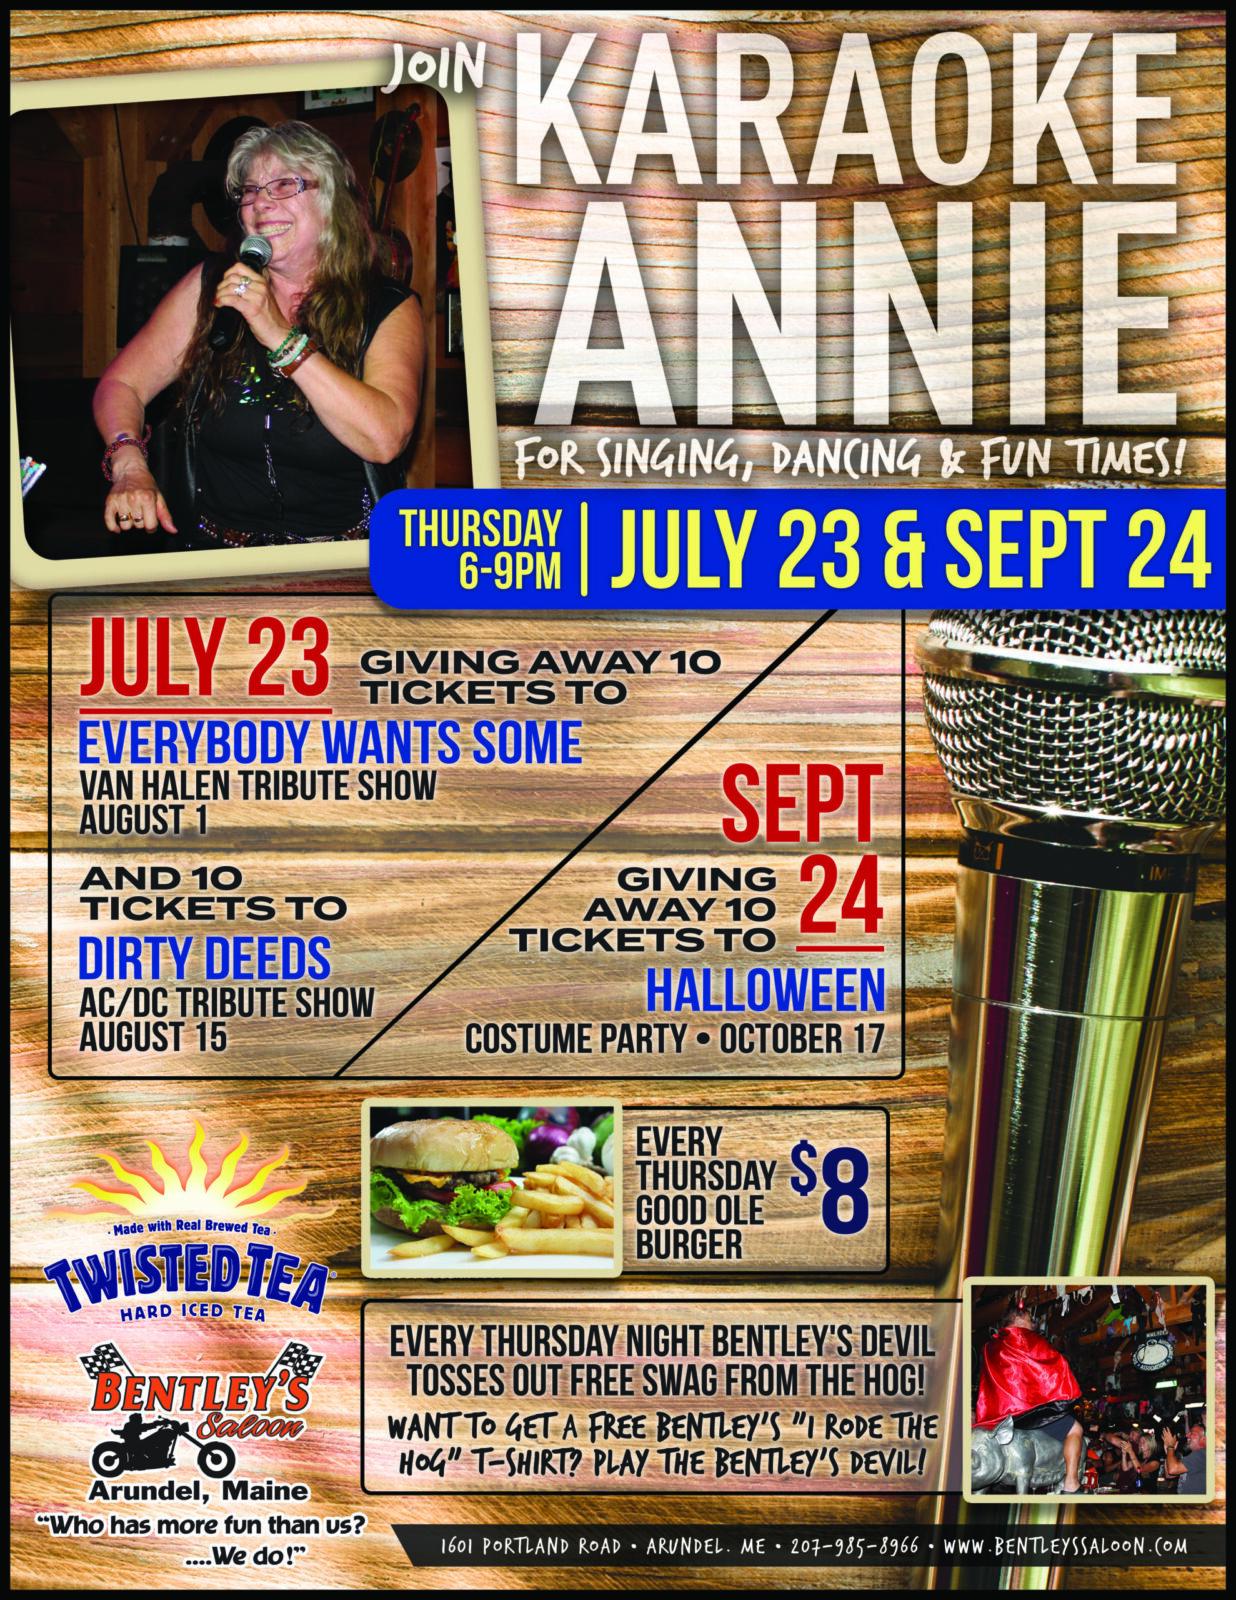 2020 Karaoke Annie